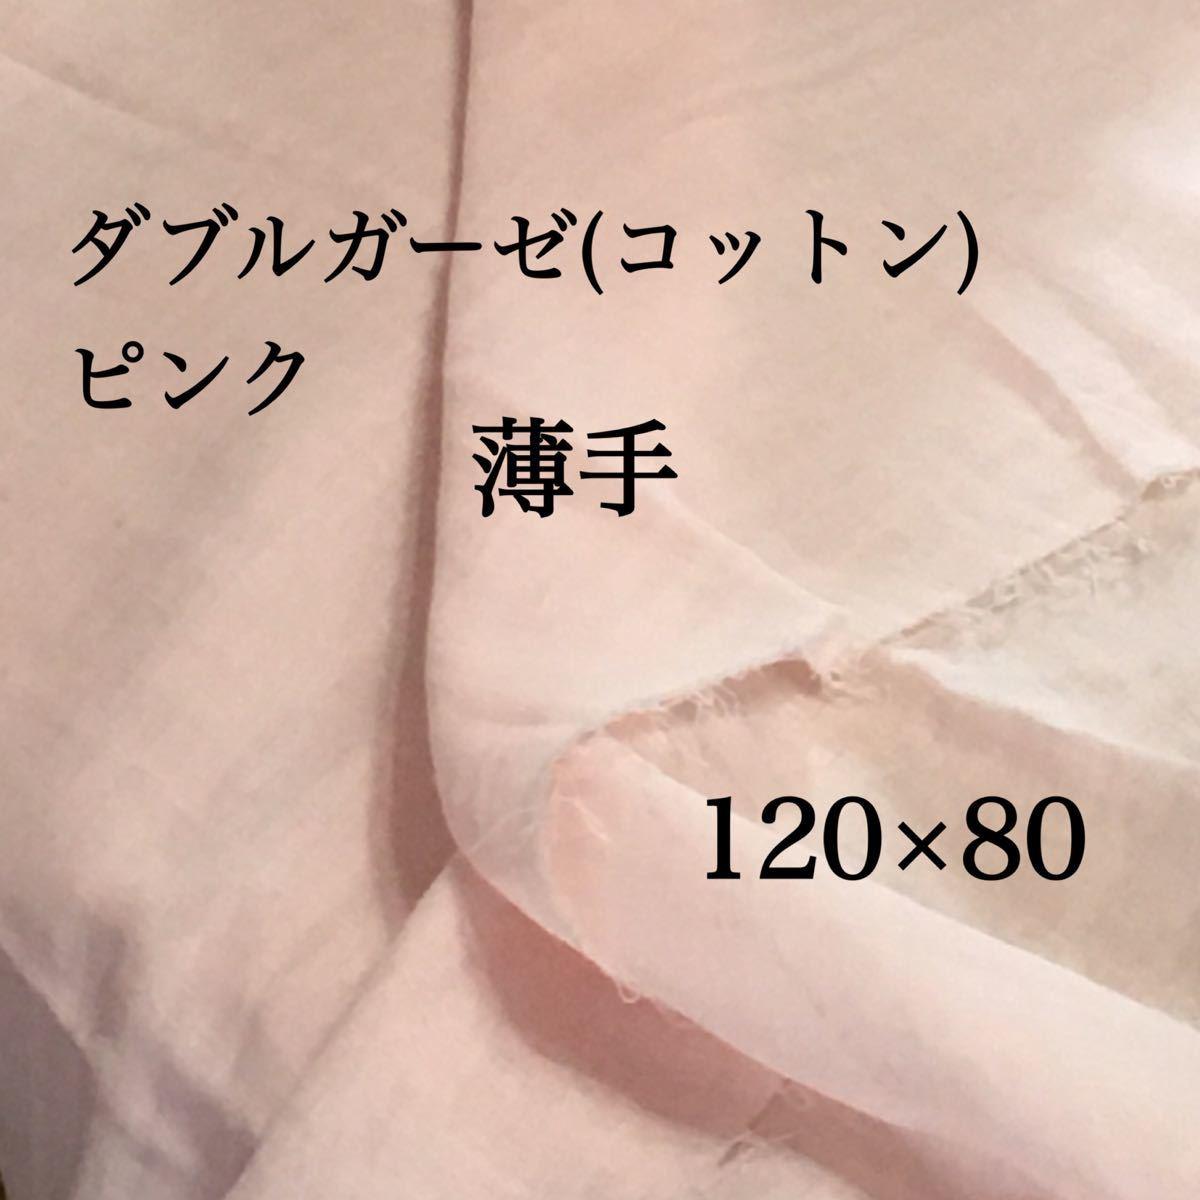 ダブルガーゼ 薄手 120×80 ピンク